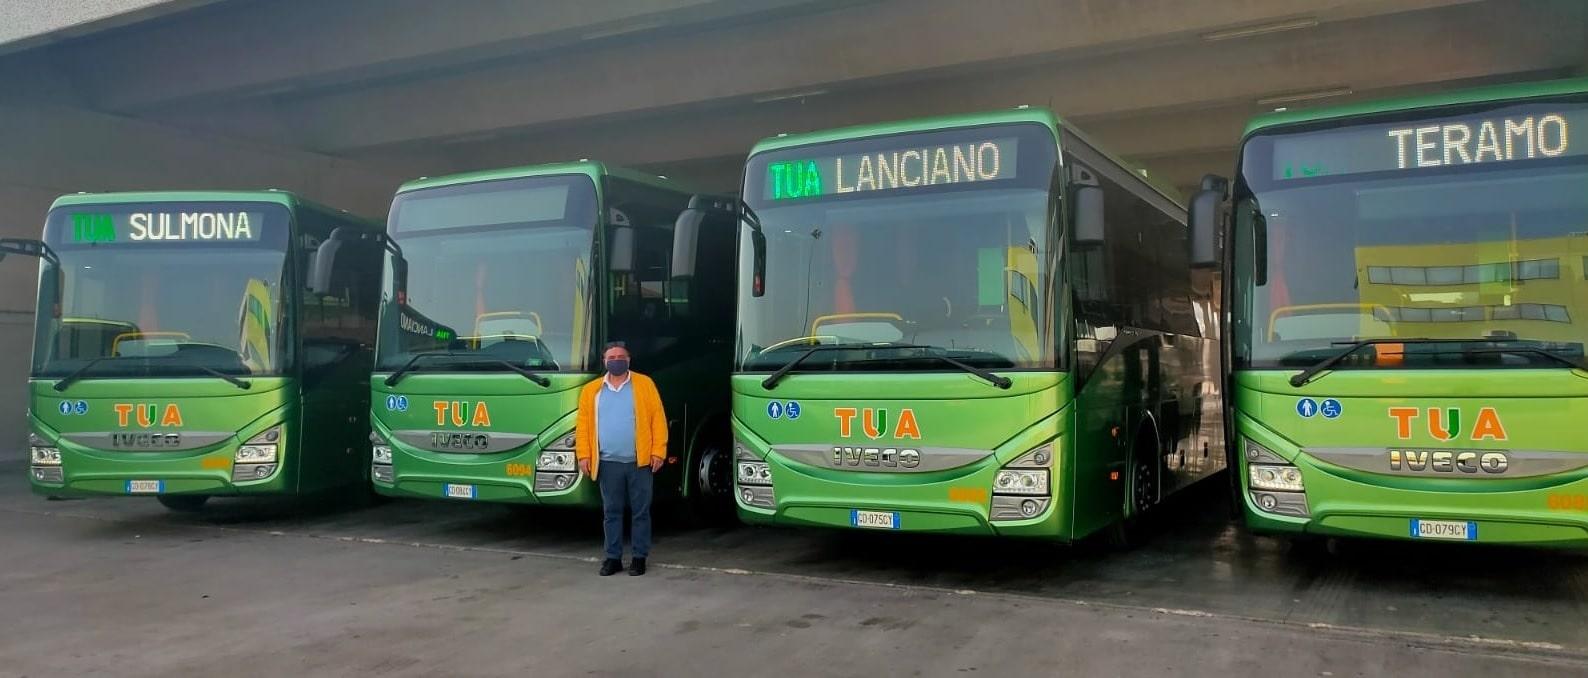 """Dodici nuovi mezzi nel parco TUA, Giuliante: """"Trasformazioni radicali per un nuovo modello di sviluppo sostenibile"""""""